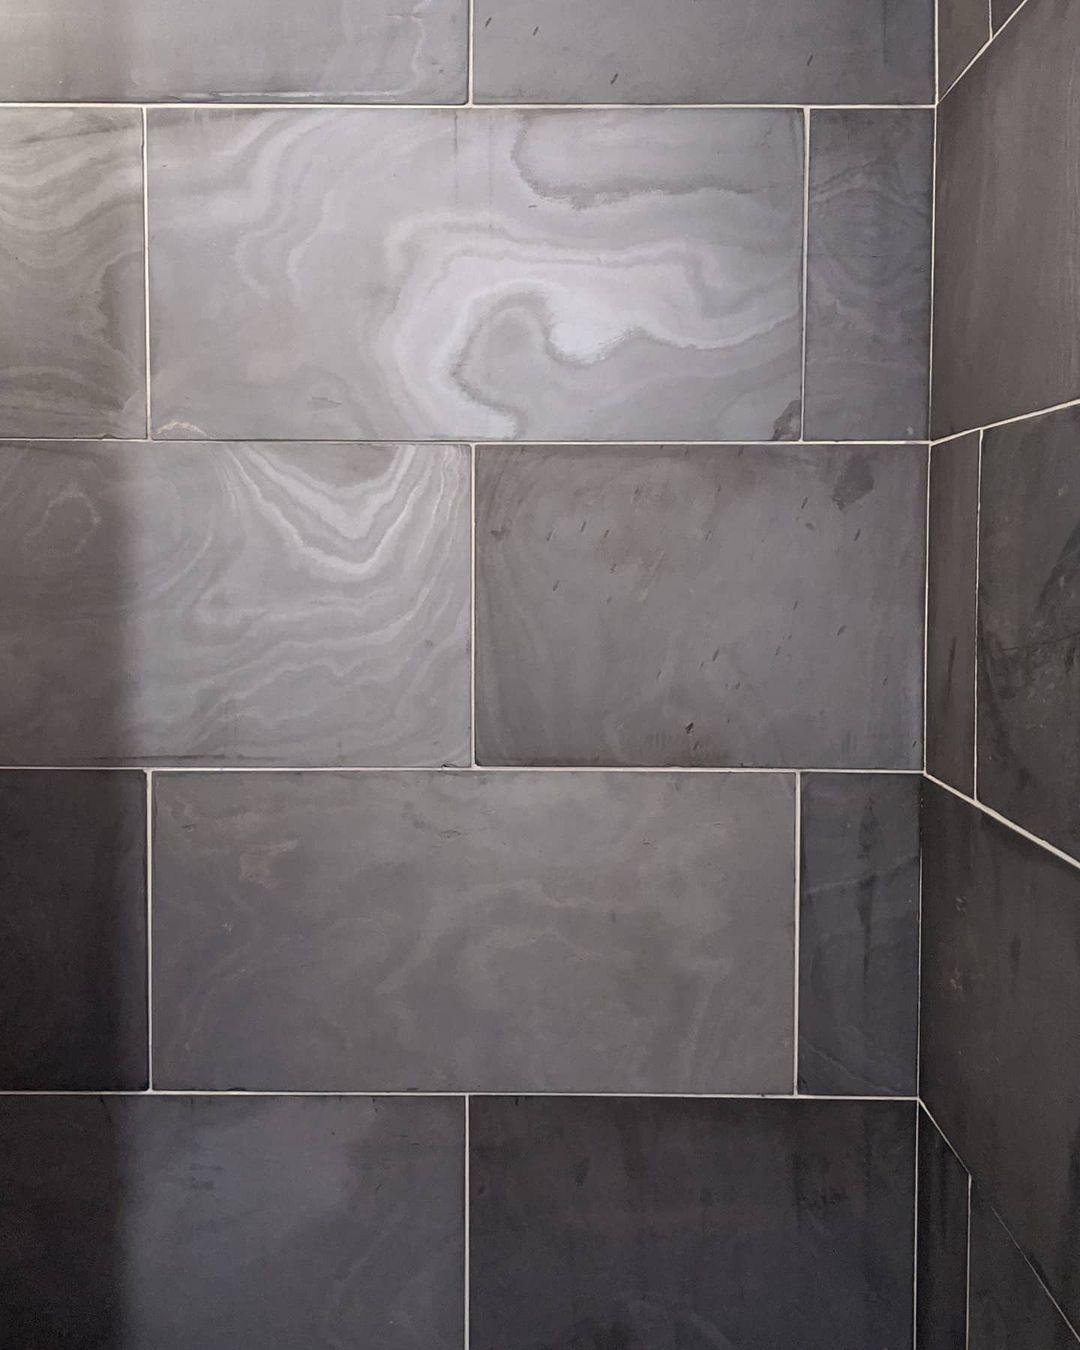 Modern or Traditional Bathroom